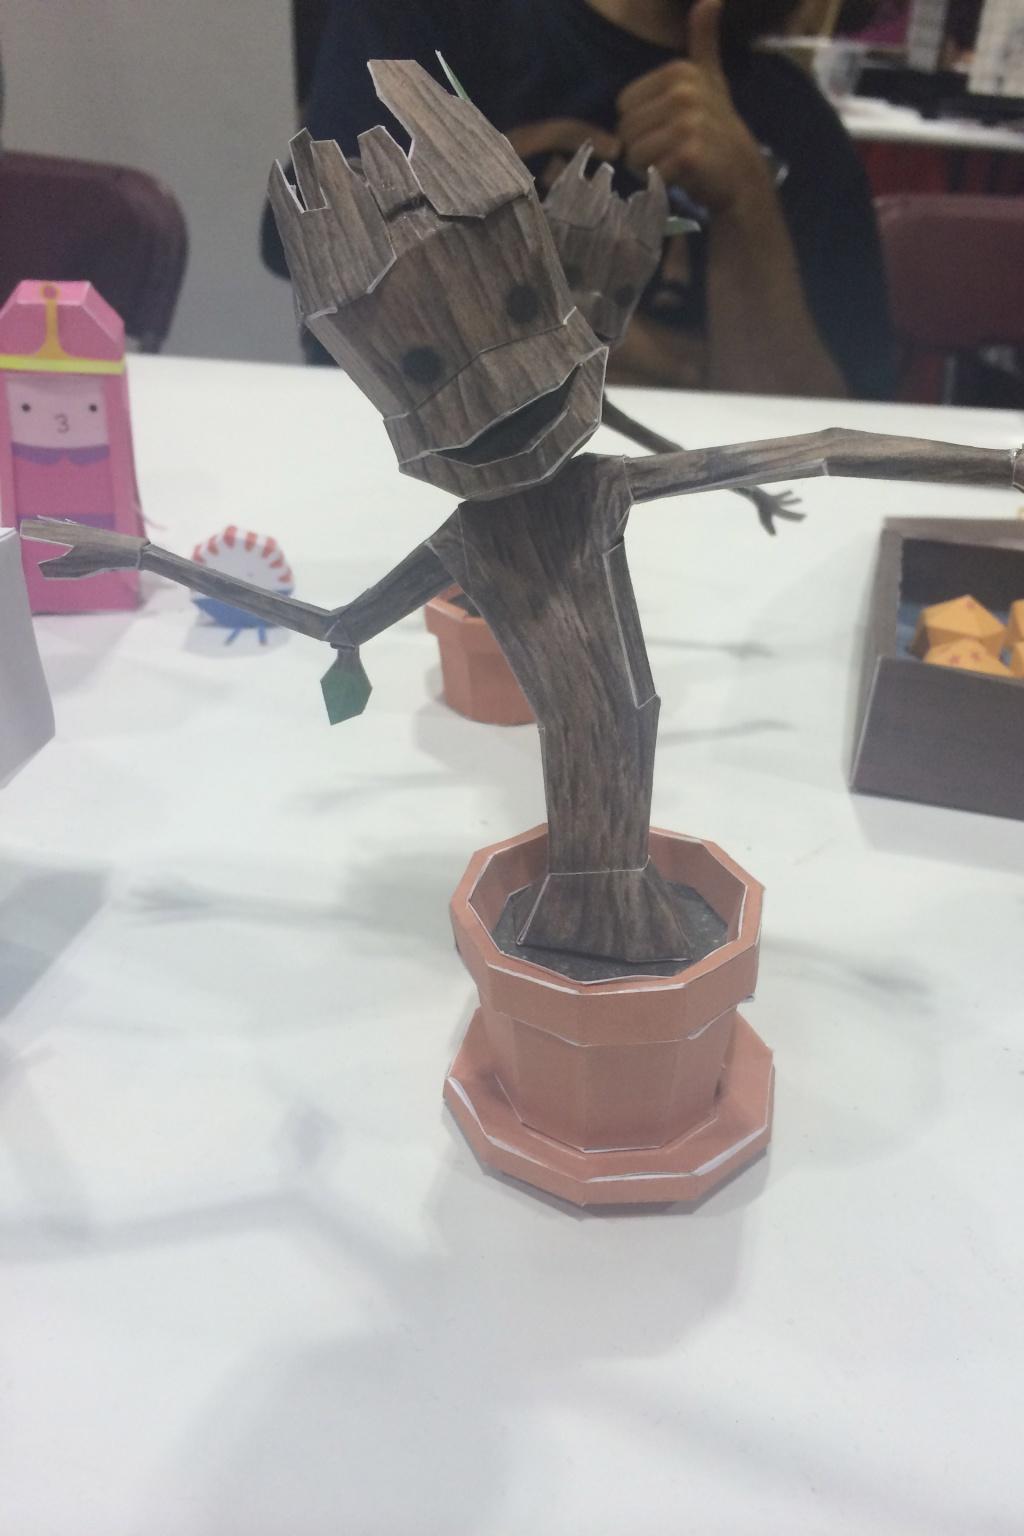 Groot made of paper! Meta?